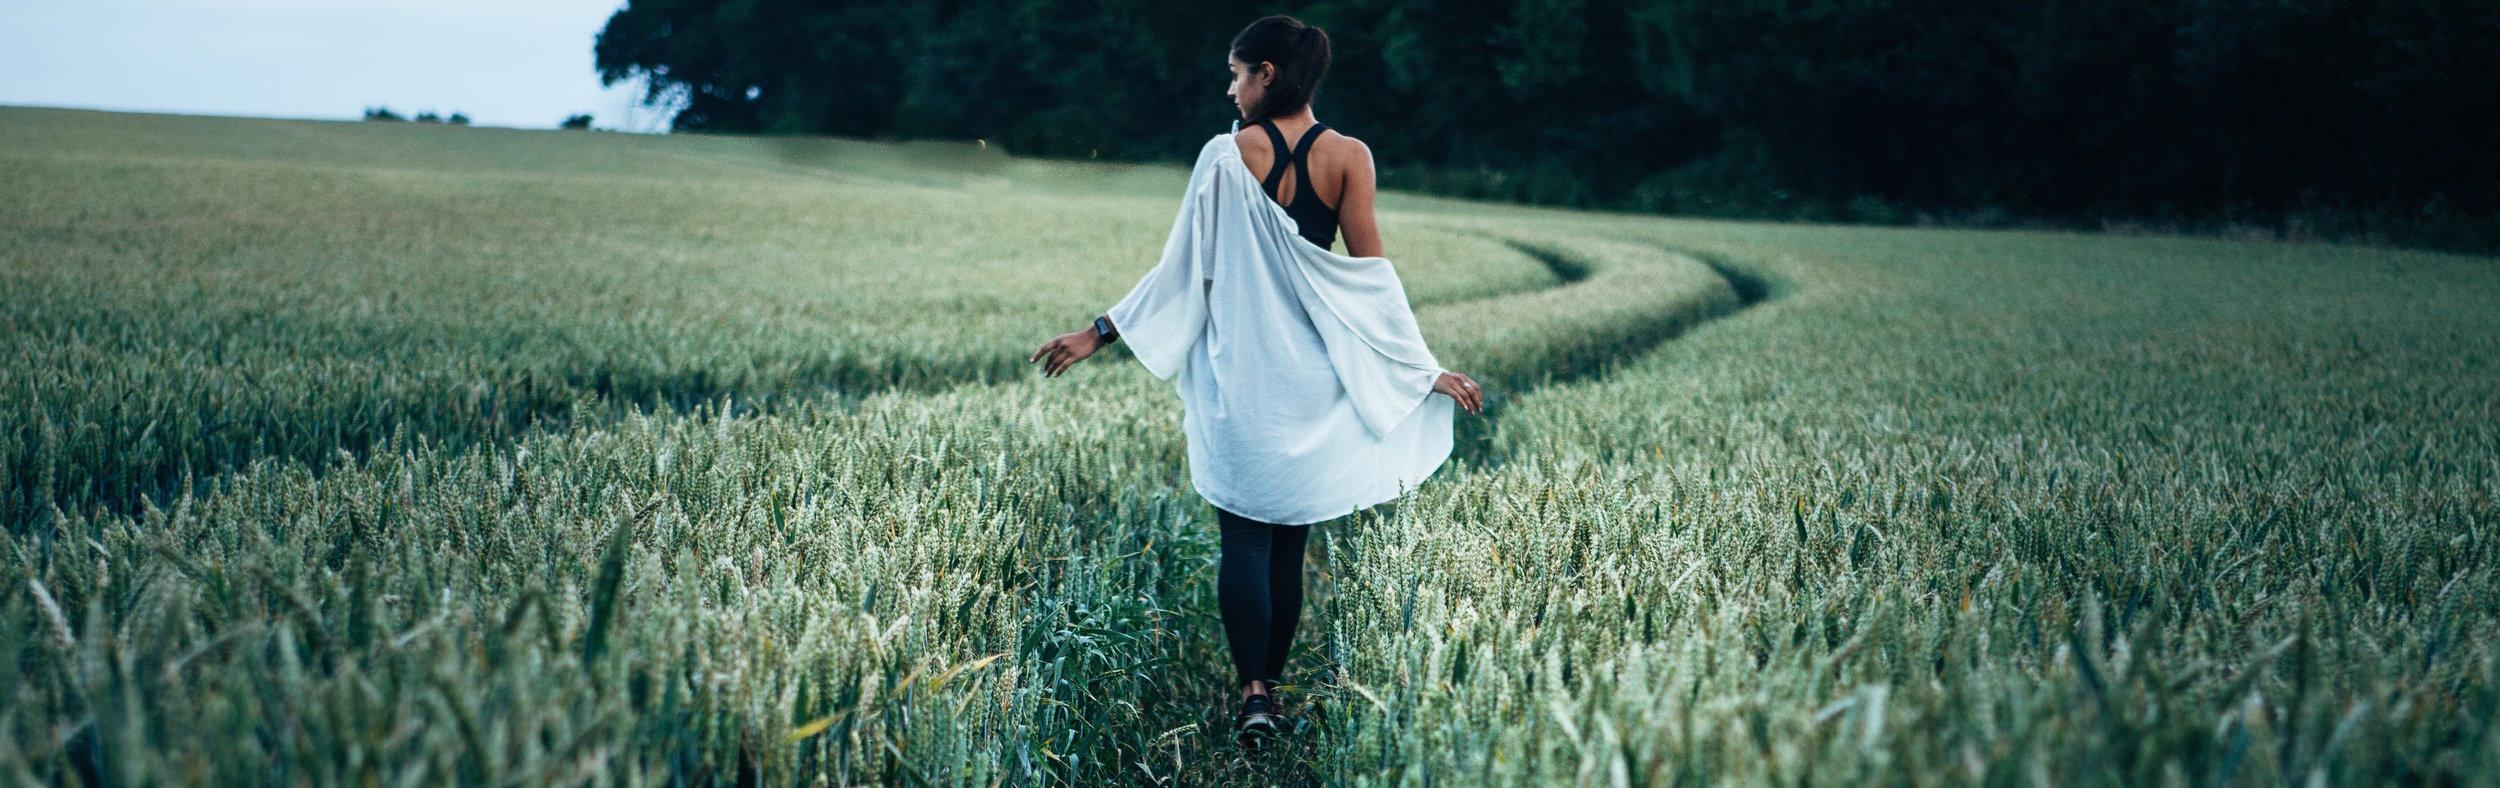 girl in field on path.jpg